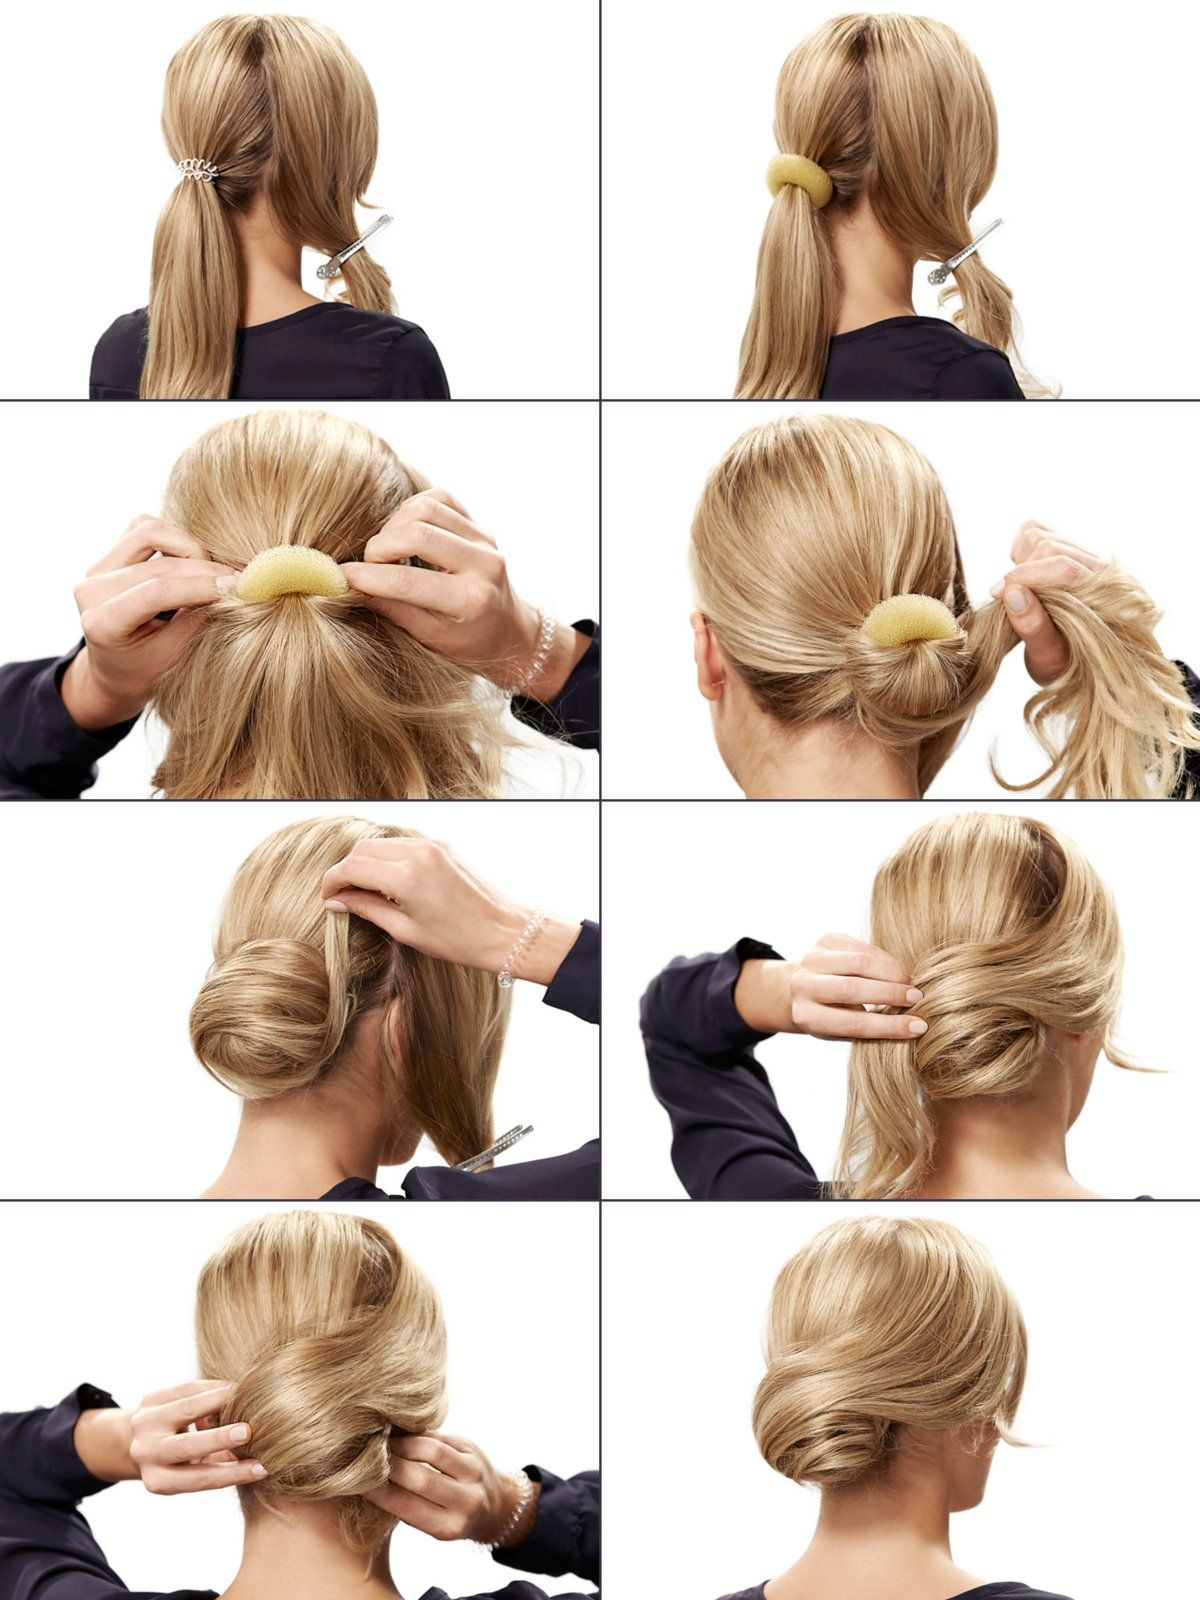 Festliche frisuren festfrisuren selber machen hair style